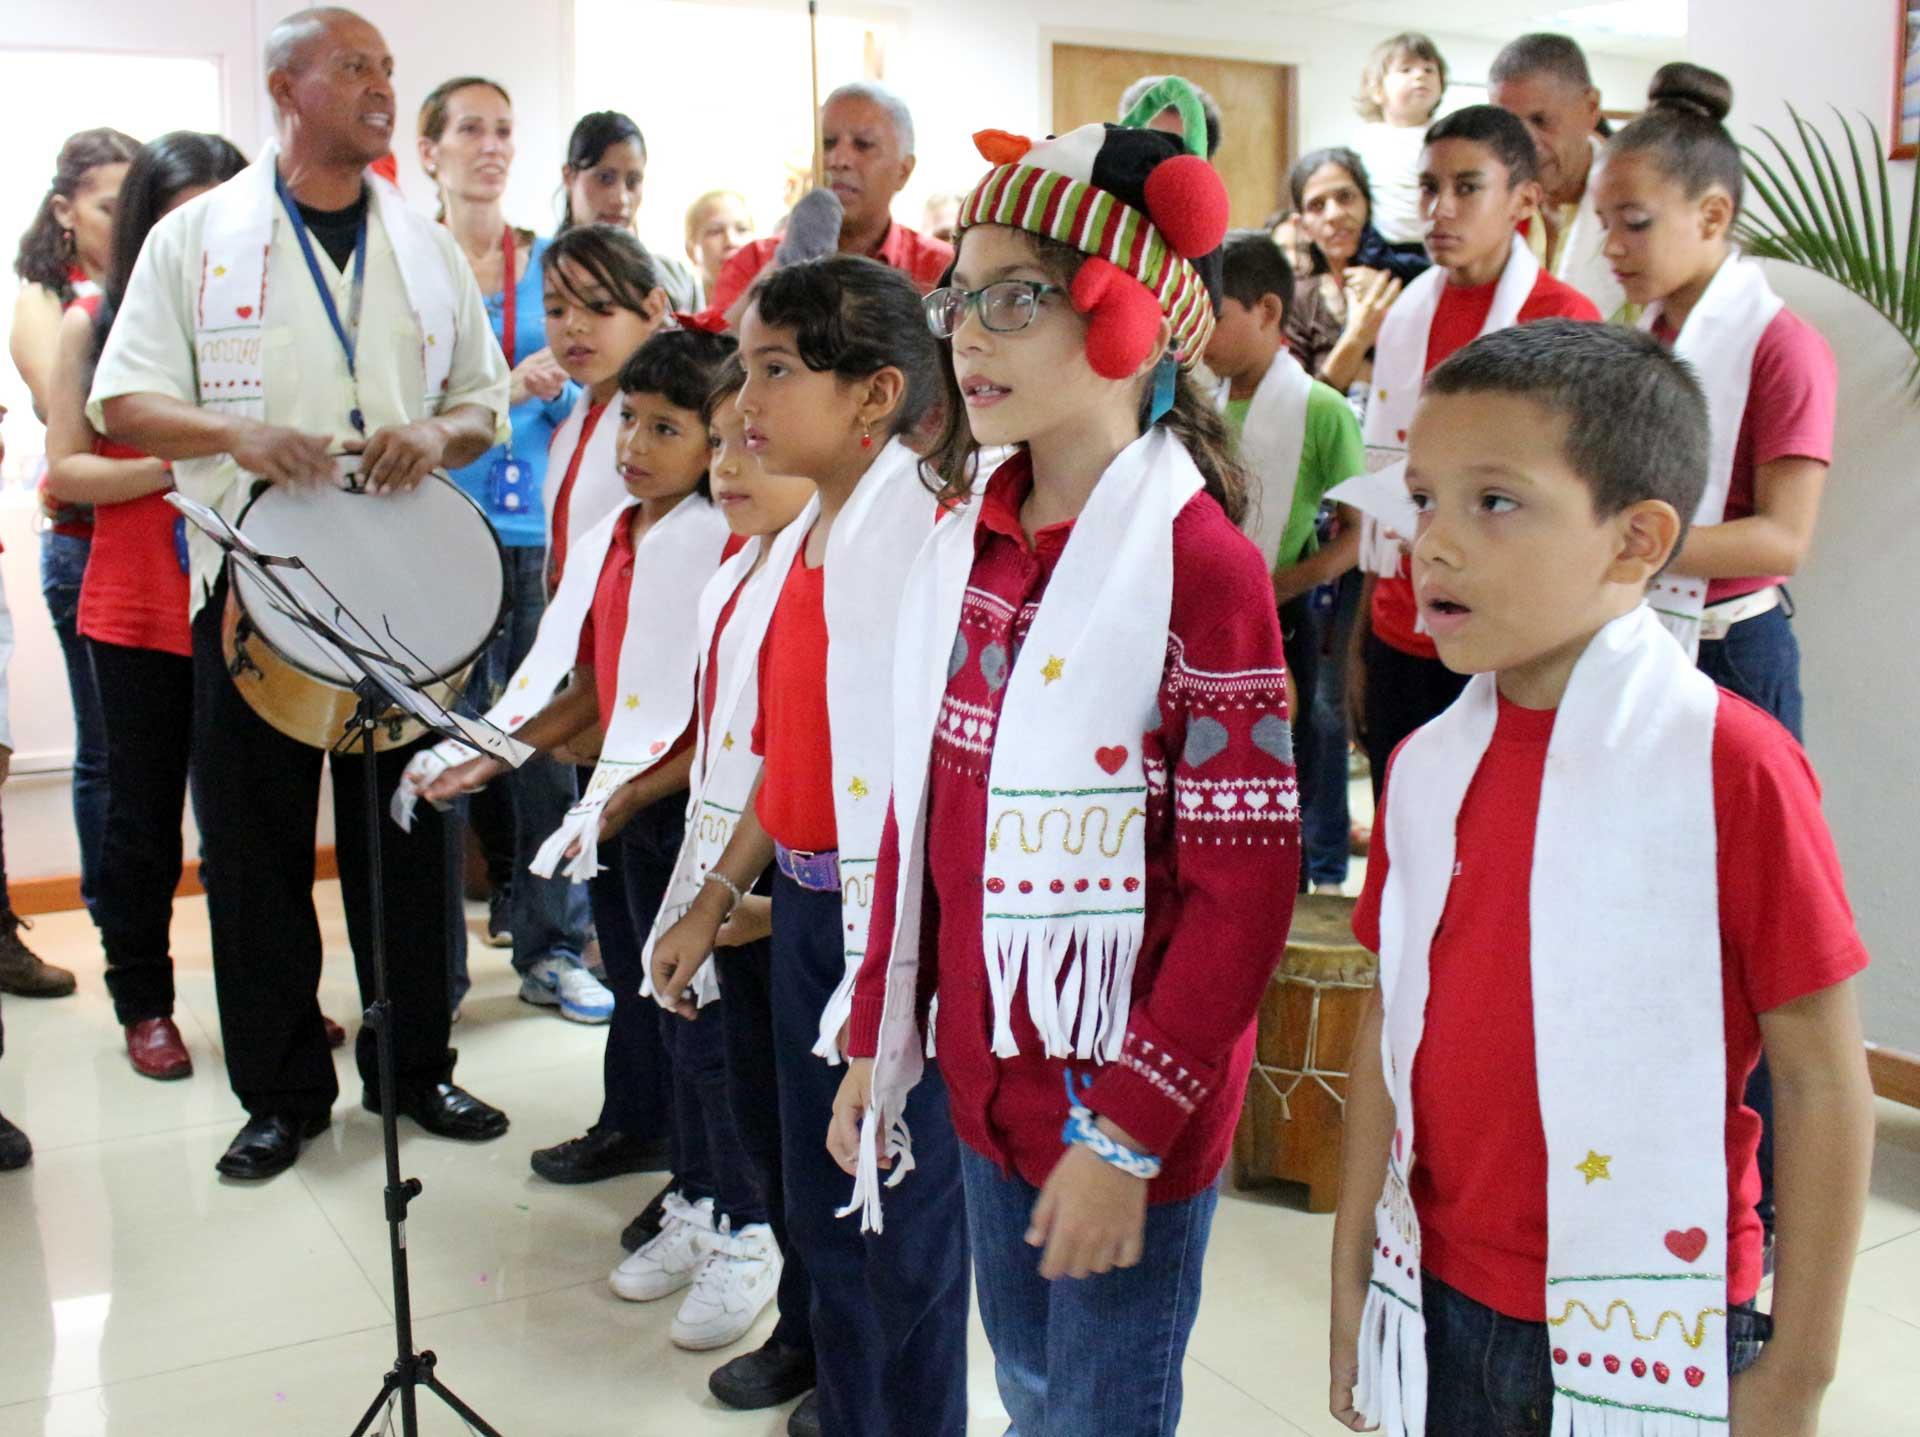 Parrandas y aguinaldos tradición de la navidad en Venezuela